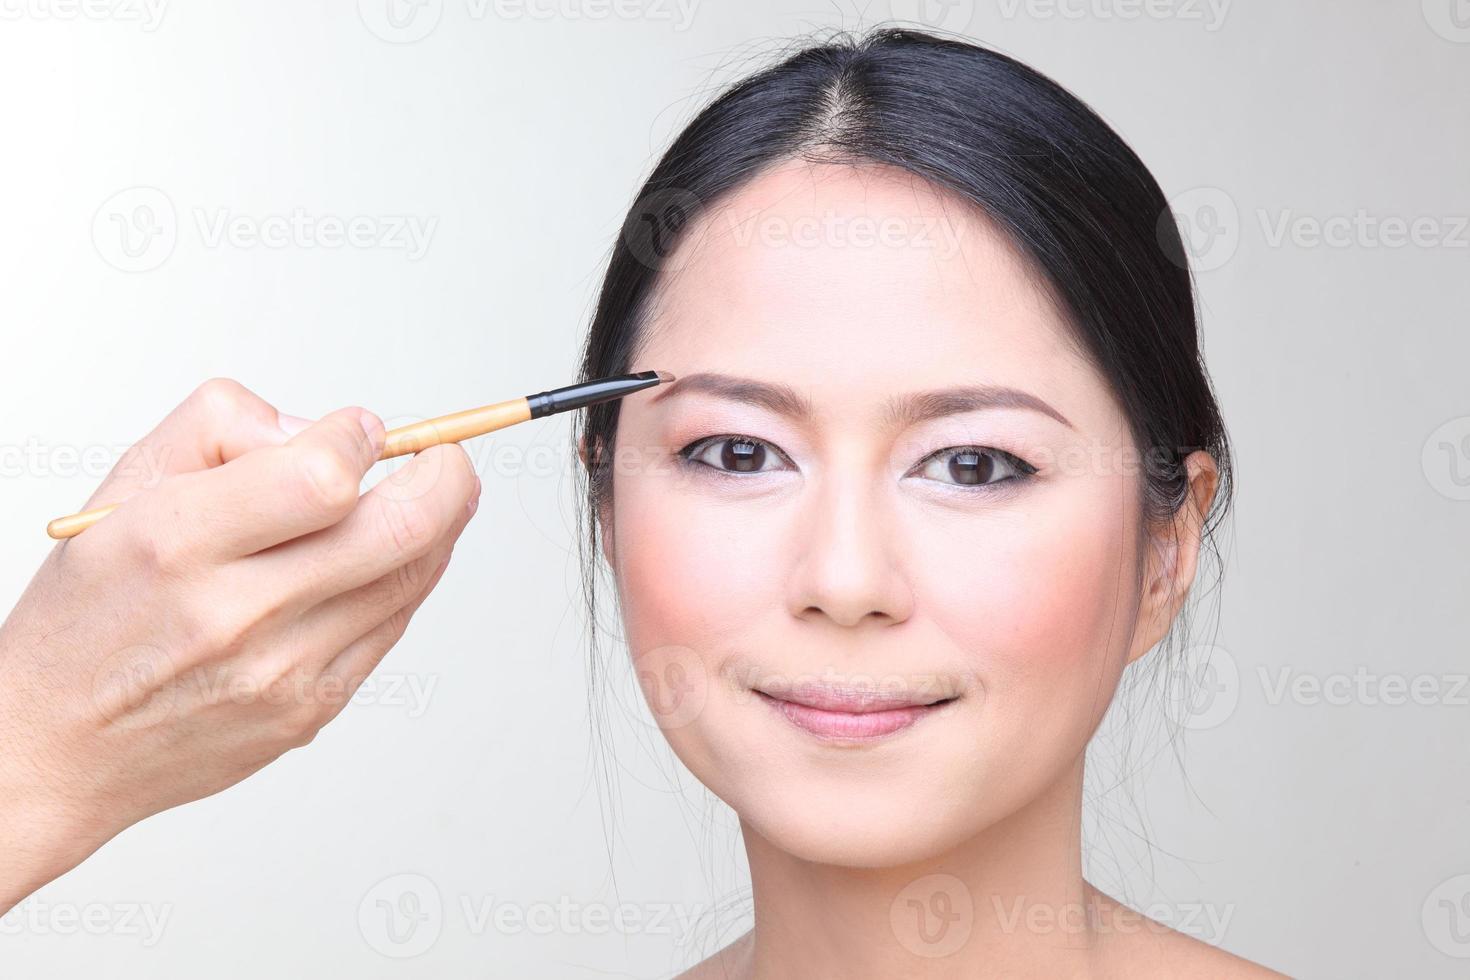 maquilladora profesional haciendo maquillaje modelo glamour en el trabajo foto